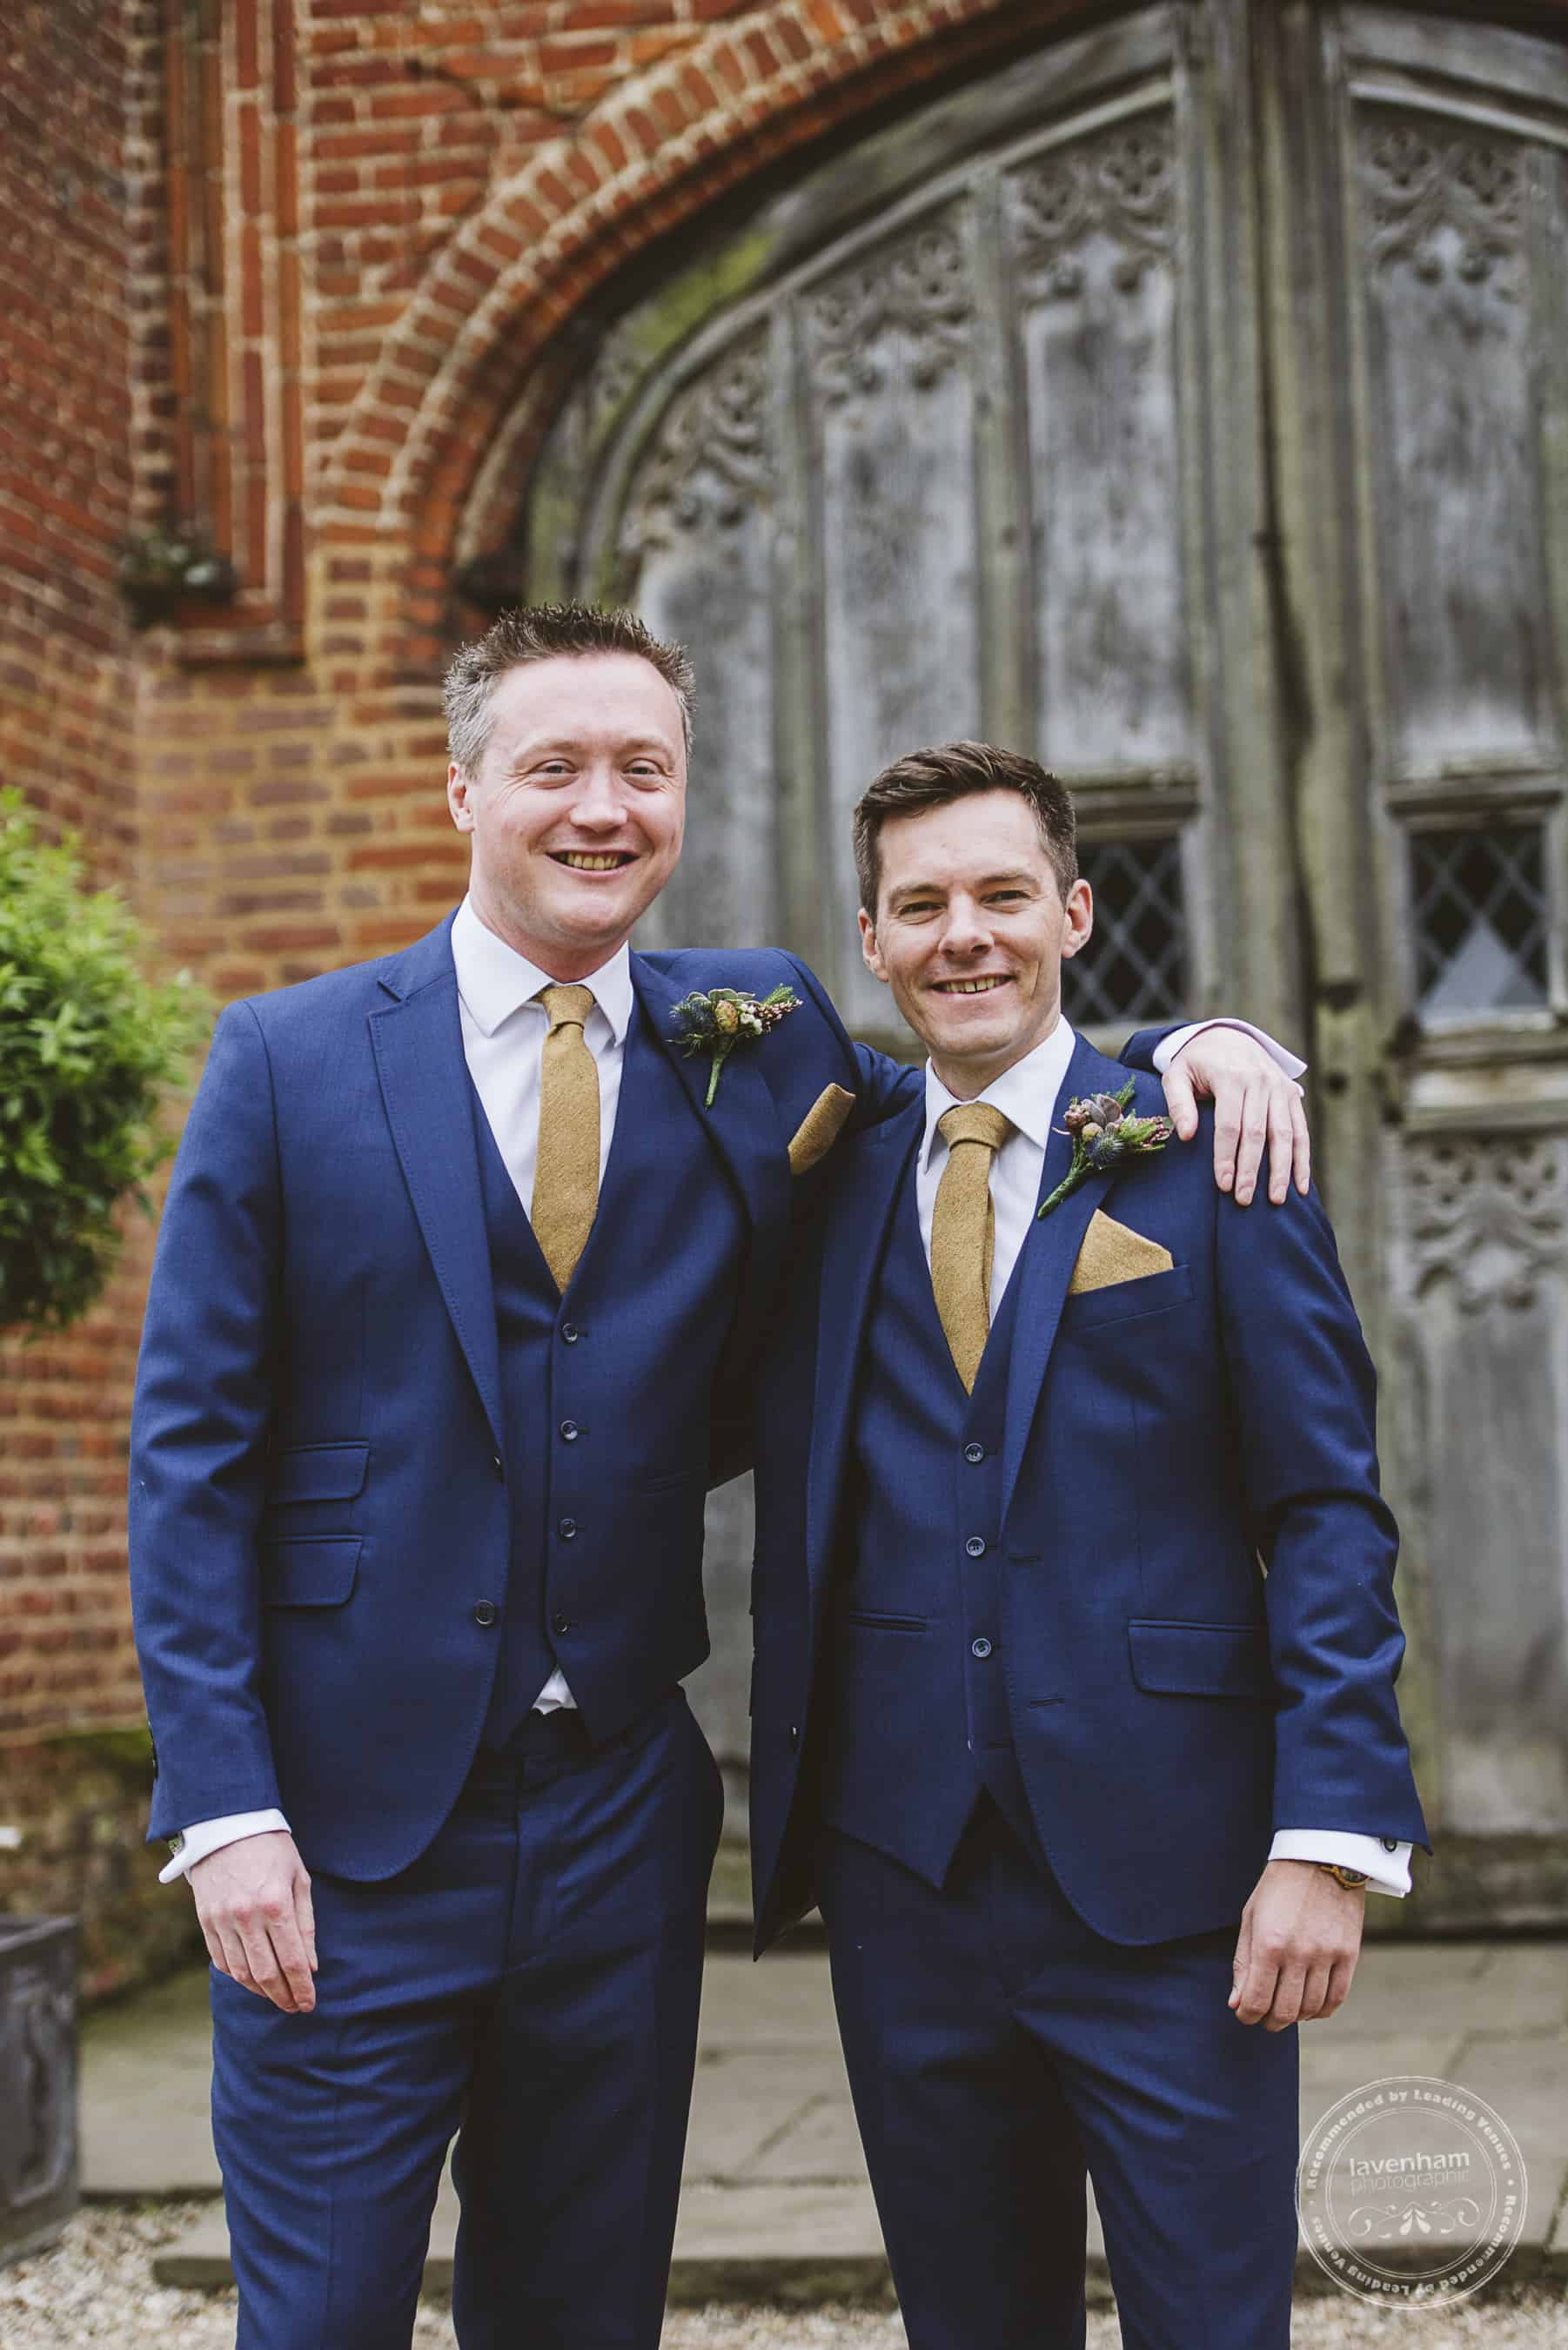 020618 Leez Priory Wedding Photography Lavenham Photographic 020